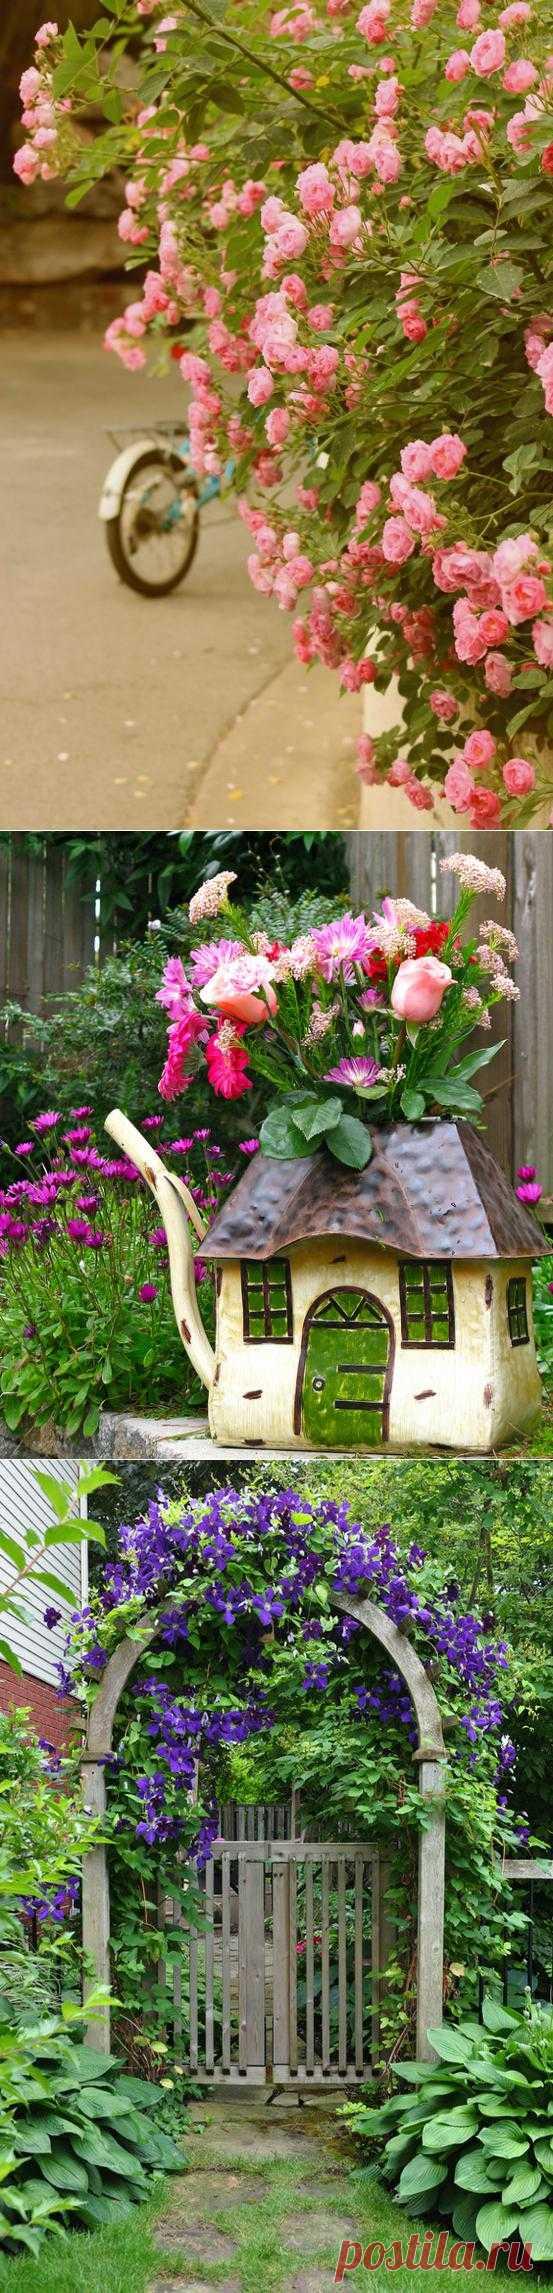 Удивительной красоты цветы